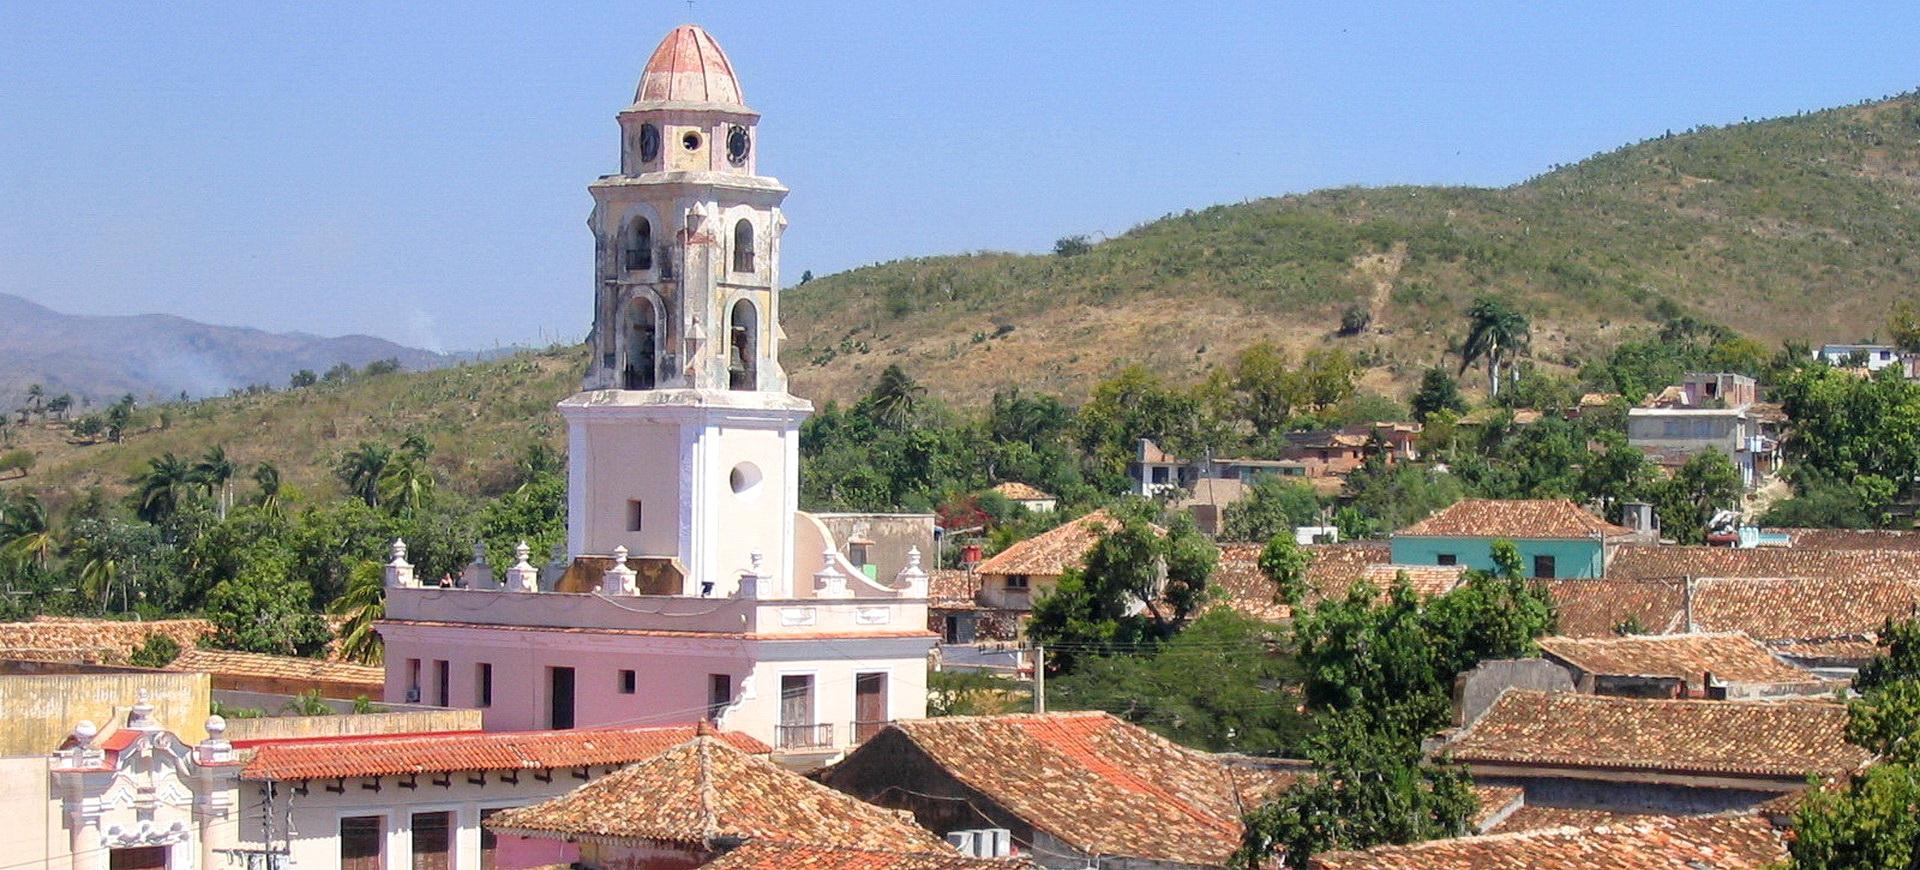 Conseils pratiques pour voyager à Cuba